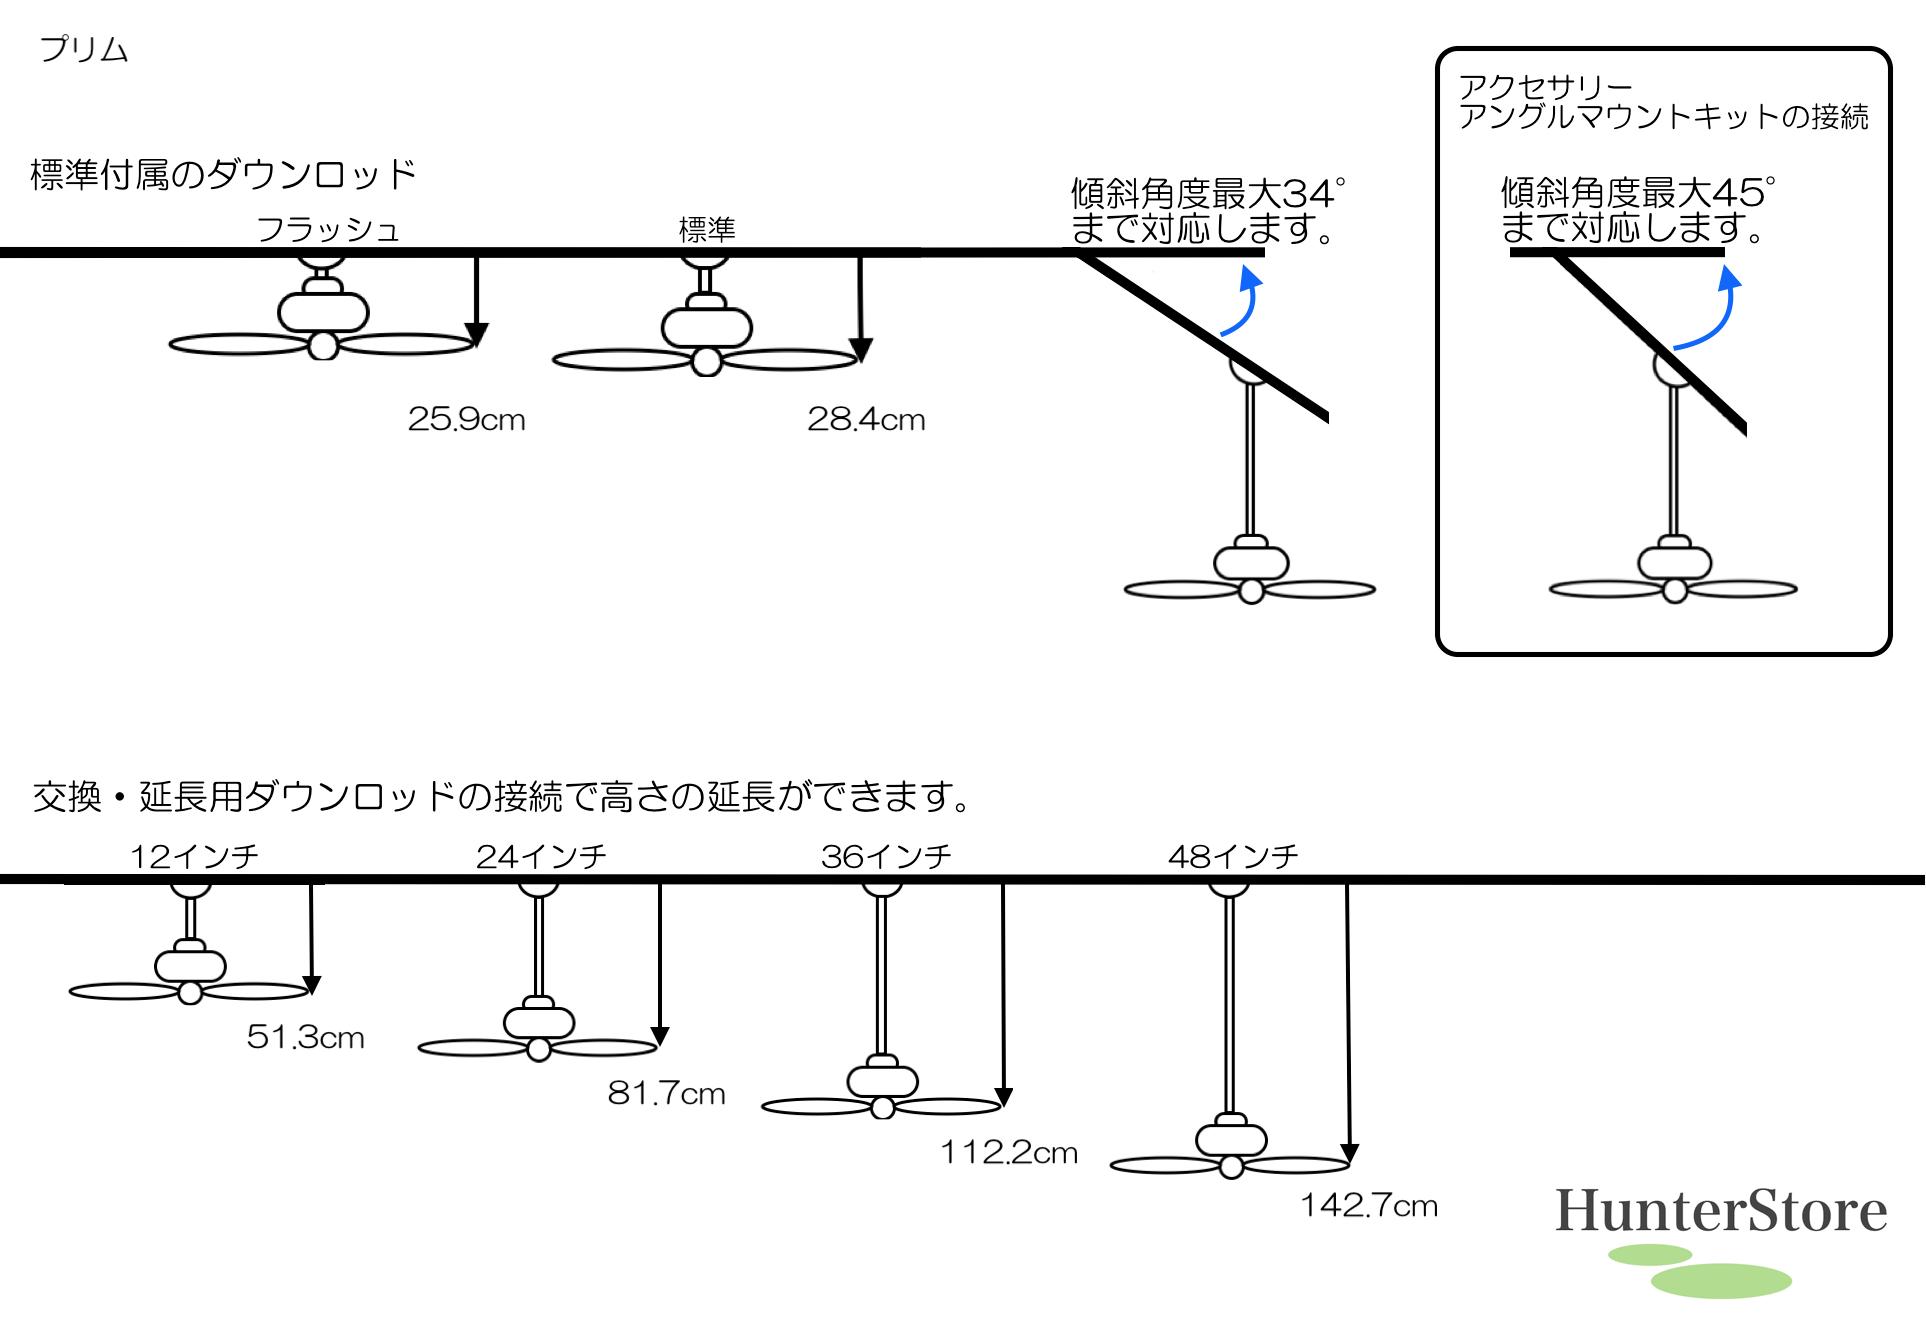 プリム 照明キット付【壁コントローラ・12㌅31cmダウンロッド付】 - 画像2